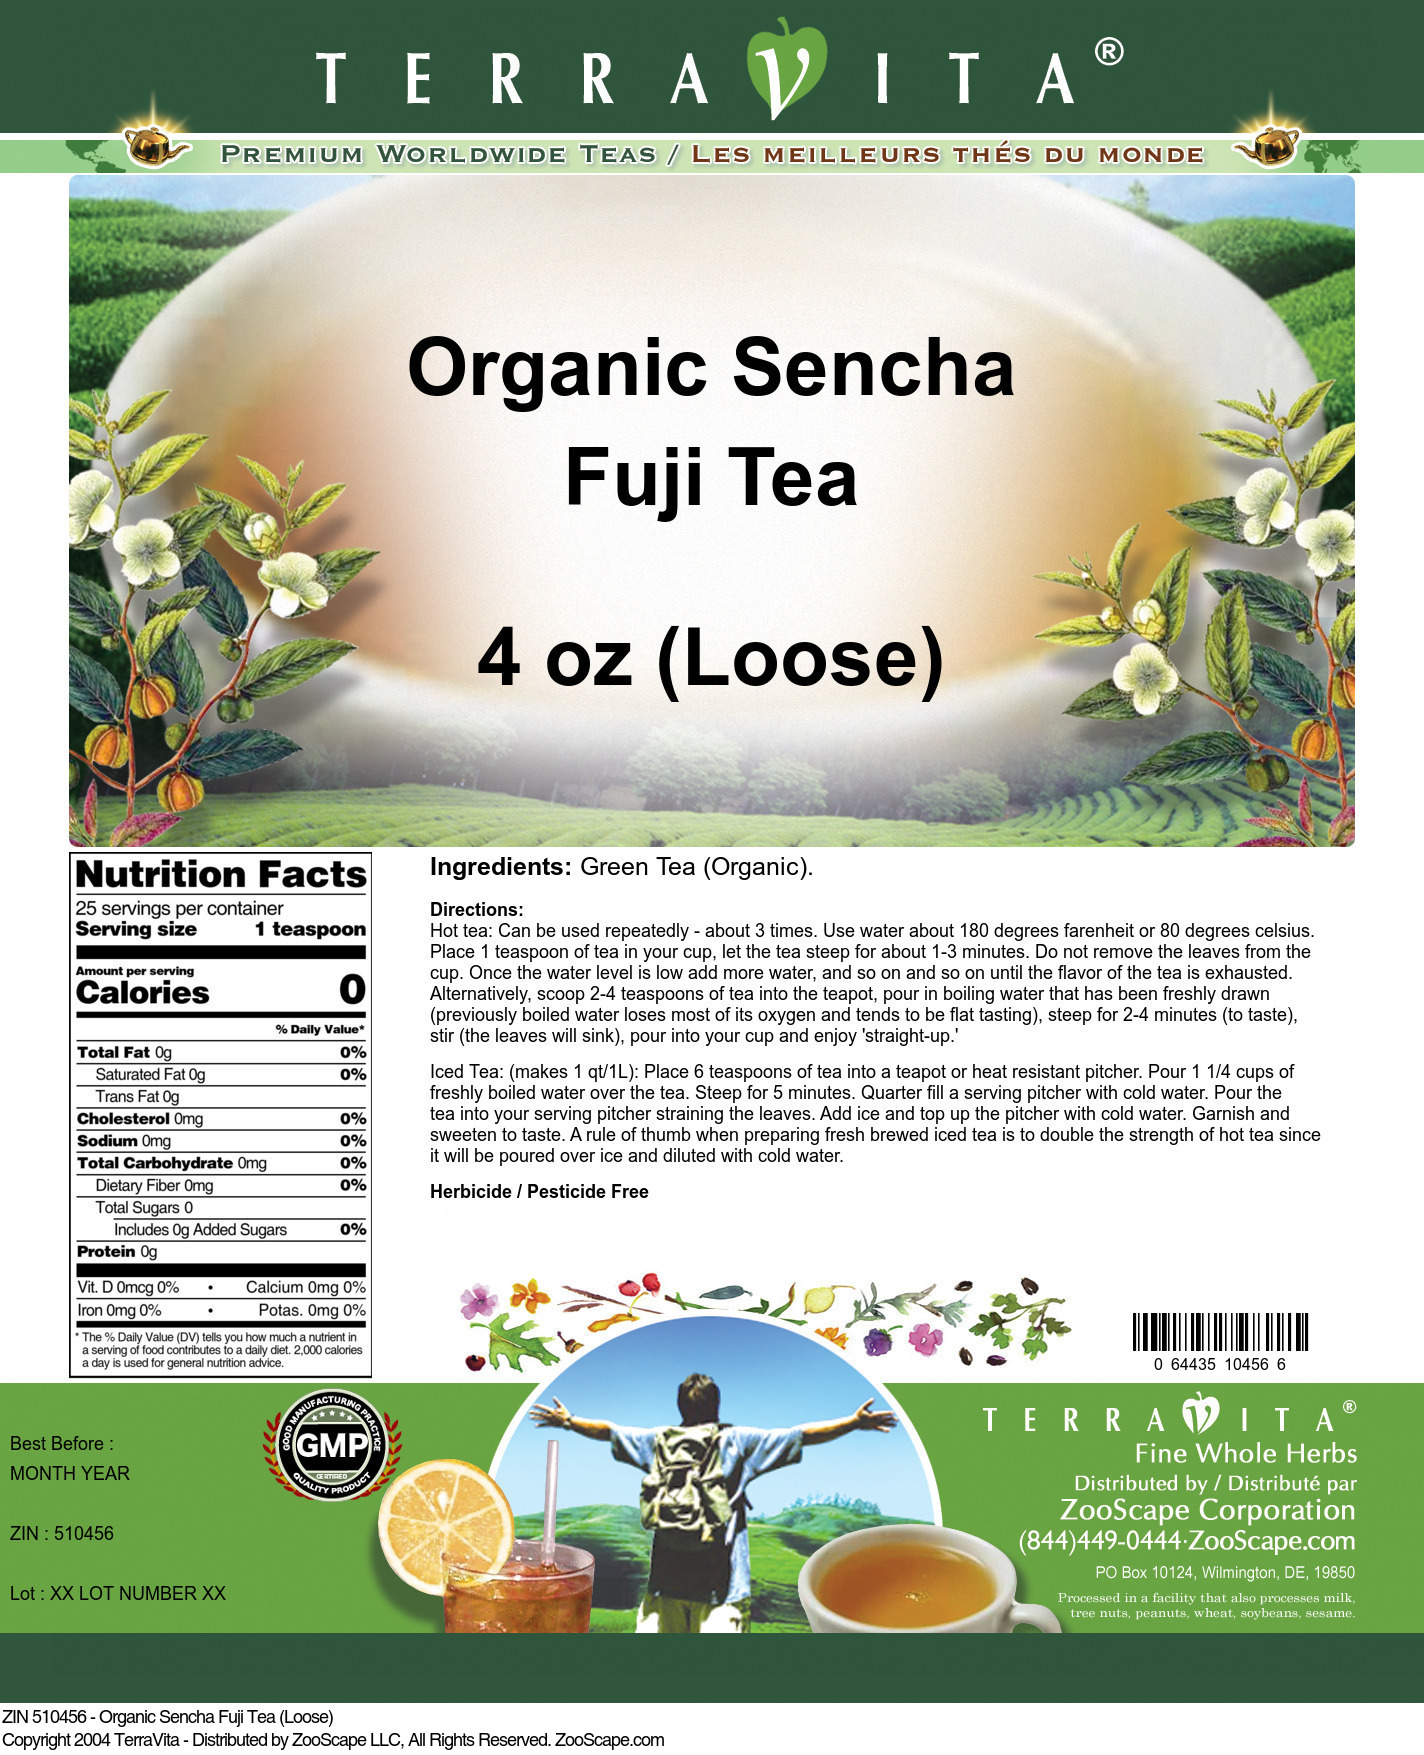 Organic Sencha Fuji Tea (Loose)